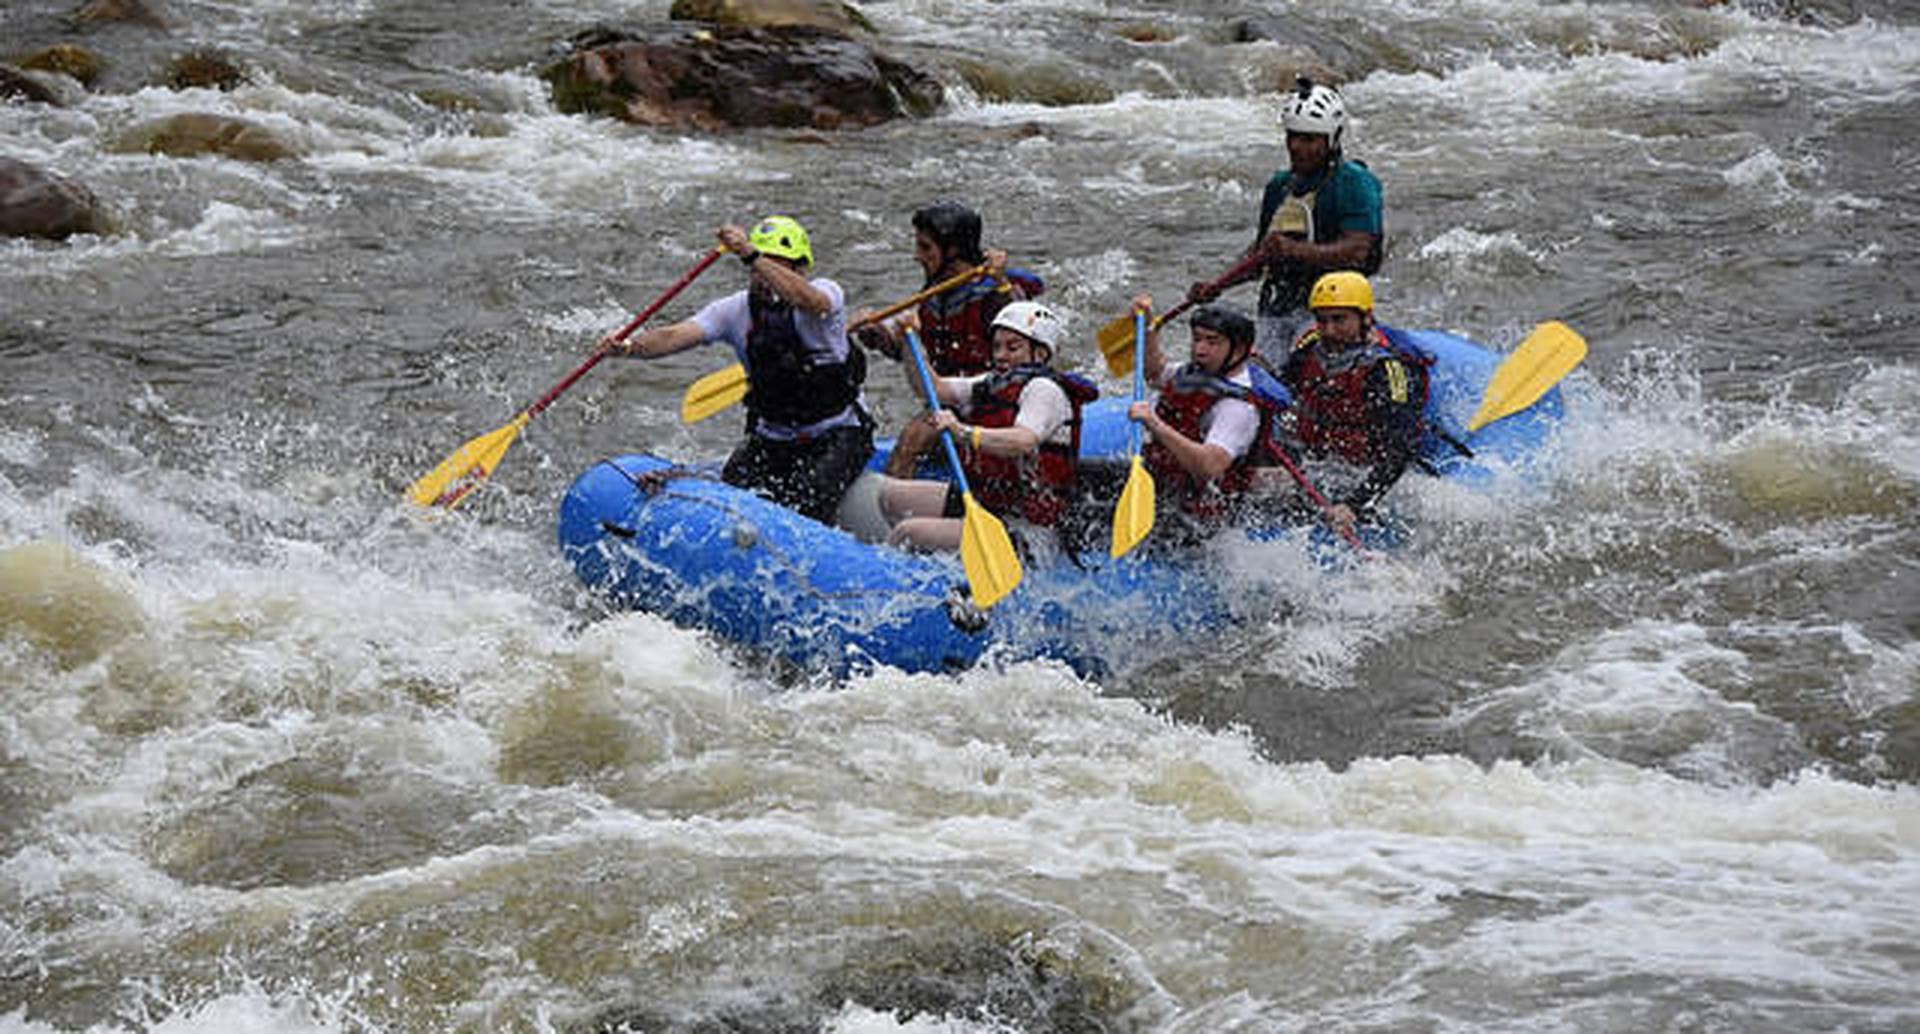 La Justicia Especial para la Paz (JEP) les autorizó la salida del país para viajar a representar a Colombia en esta competición.